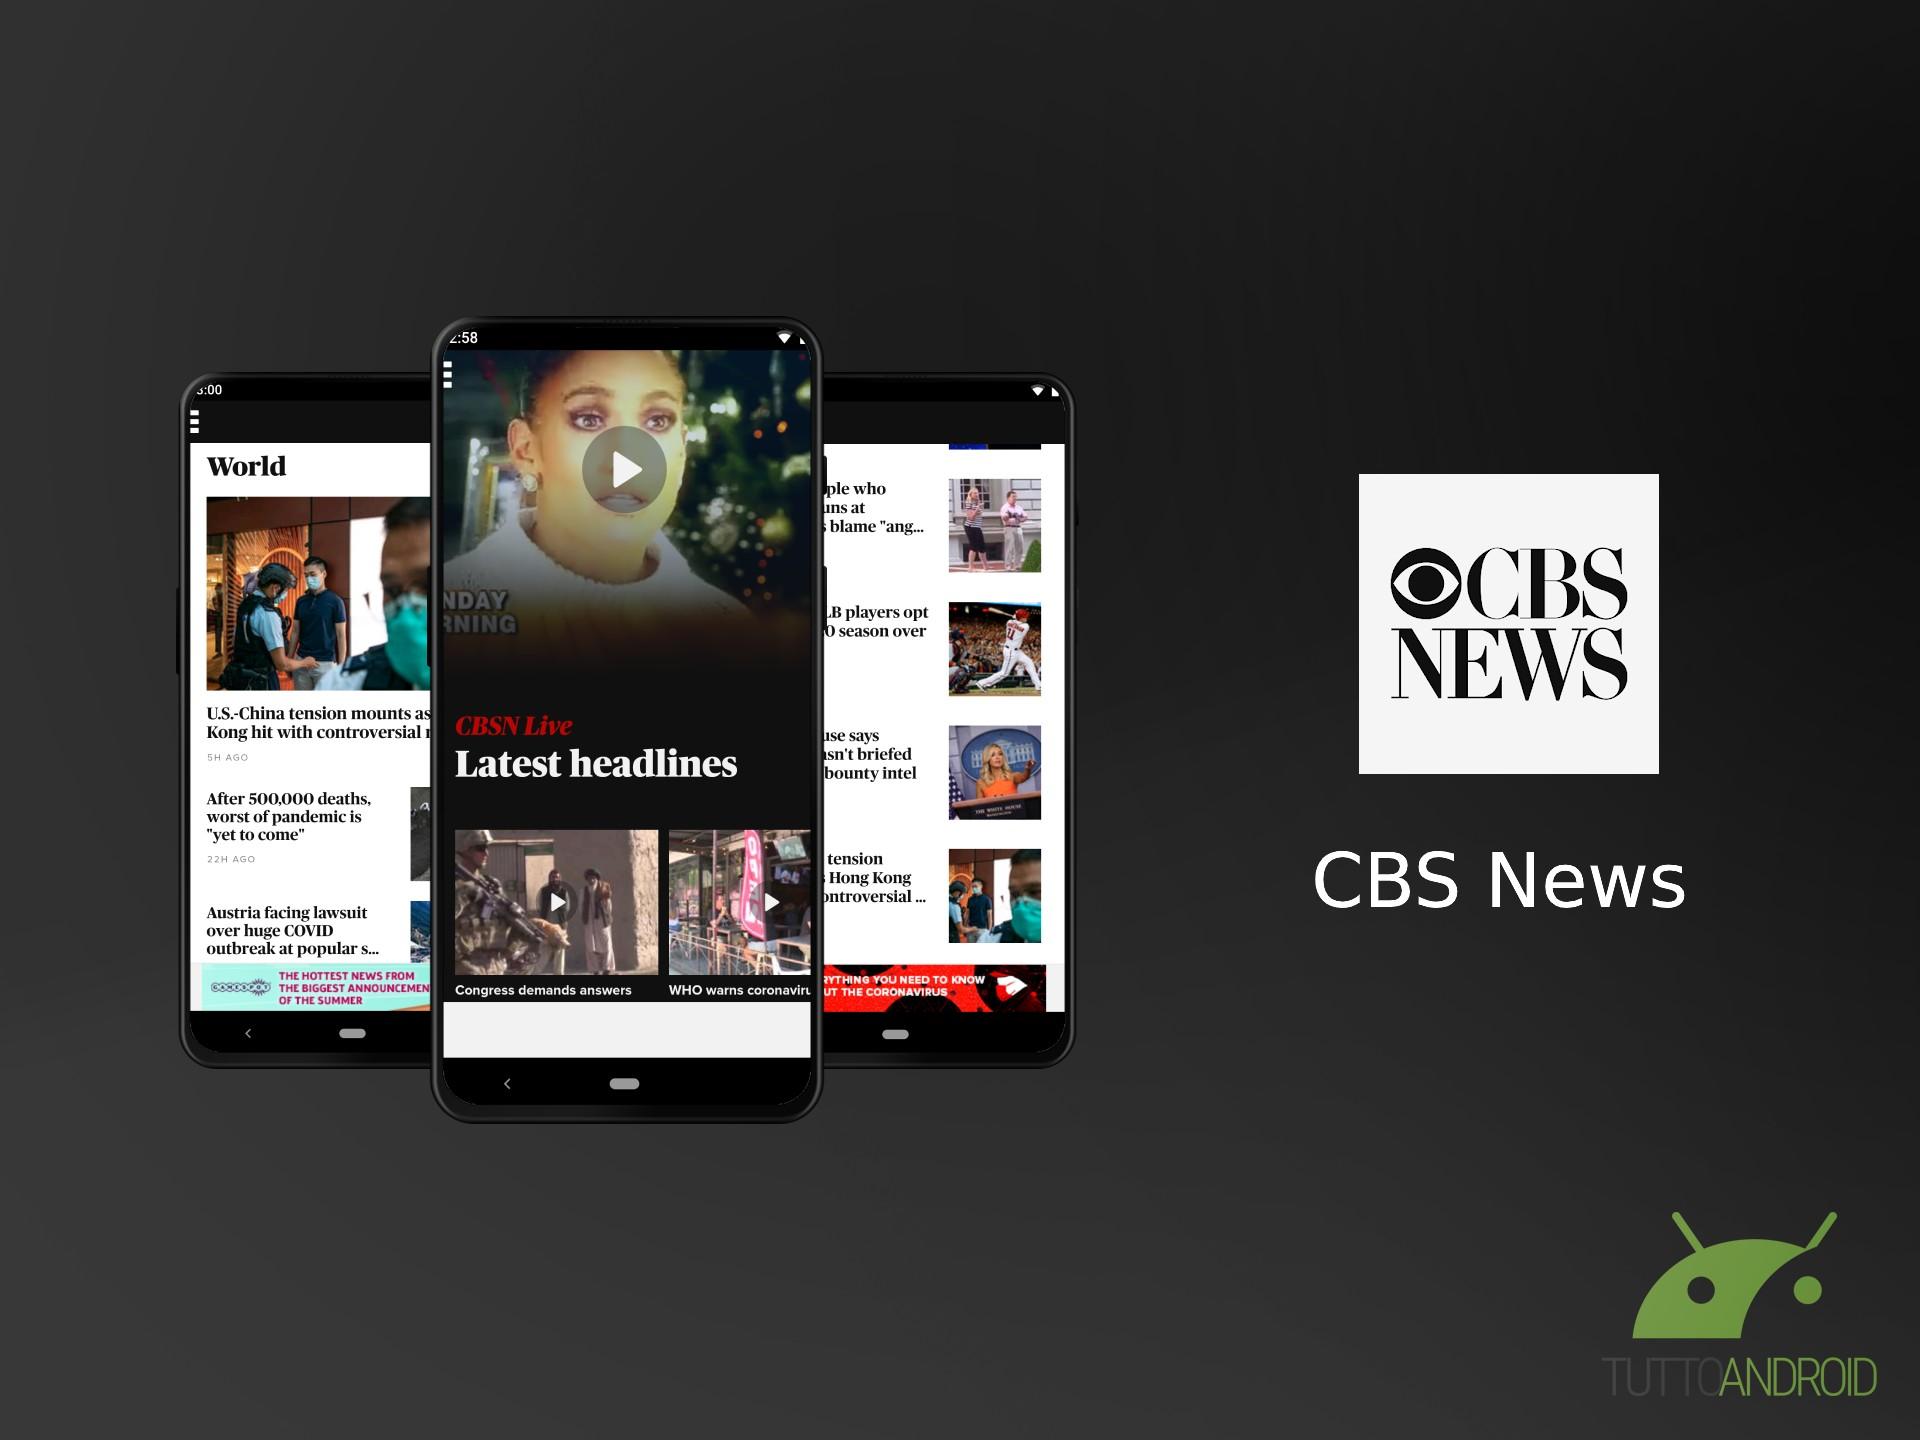 CBS News è l'app giusta per rimanere costantemente informati sugli USA